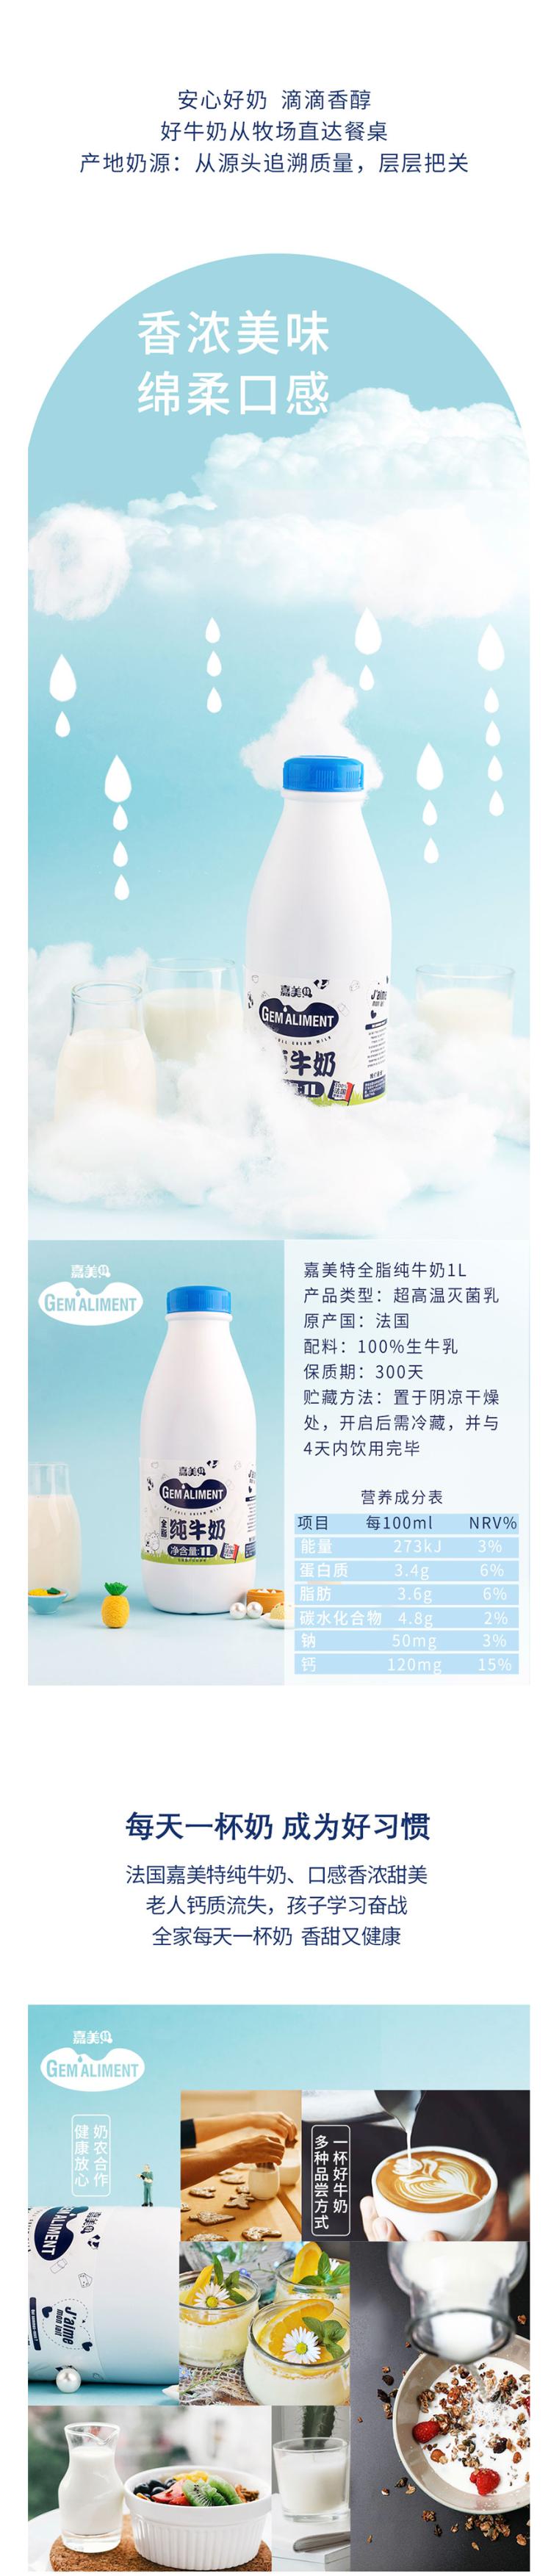 法国原装进口 嘉美特 全脂纯牛奶 1Lx2瓶 UHT杀菌 券后23.9元包邮(京东20元/瓶) 买手党-买手聚集的地方